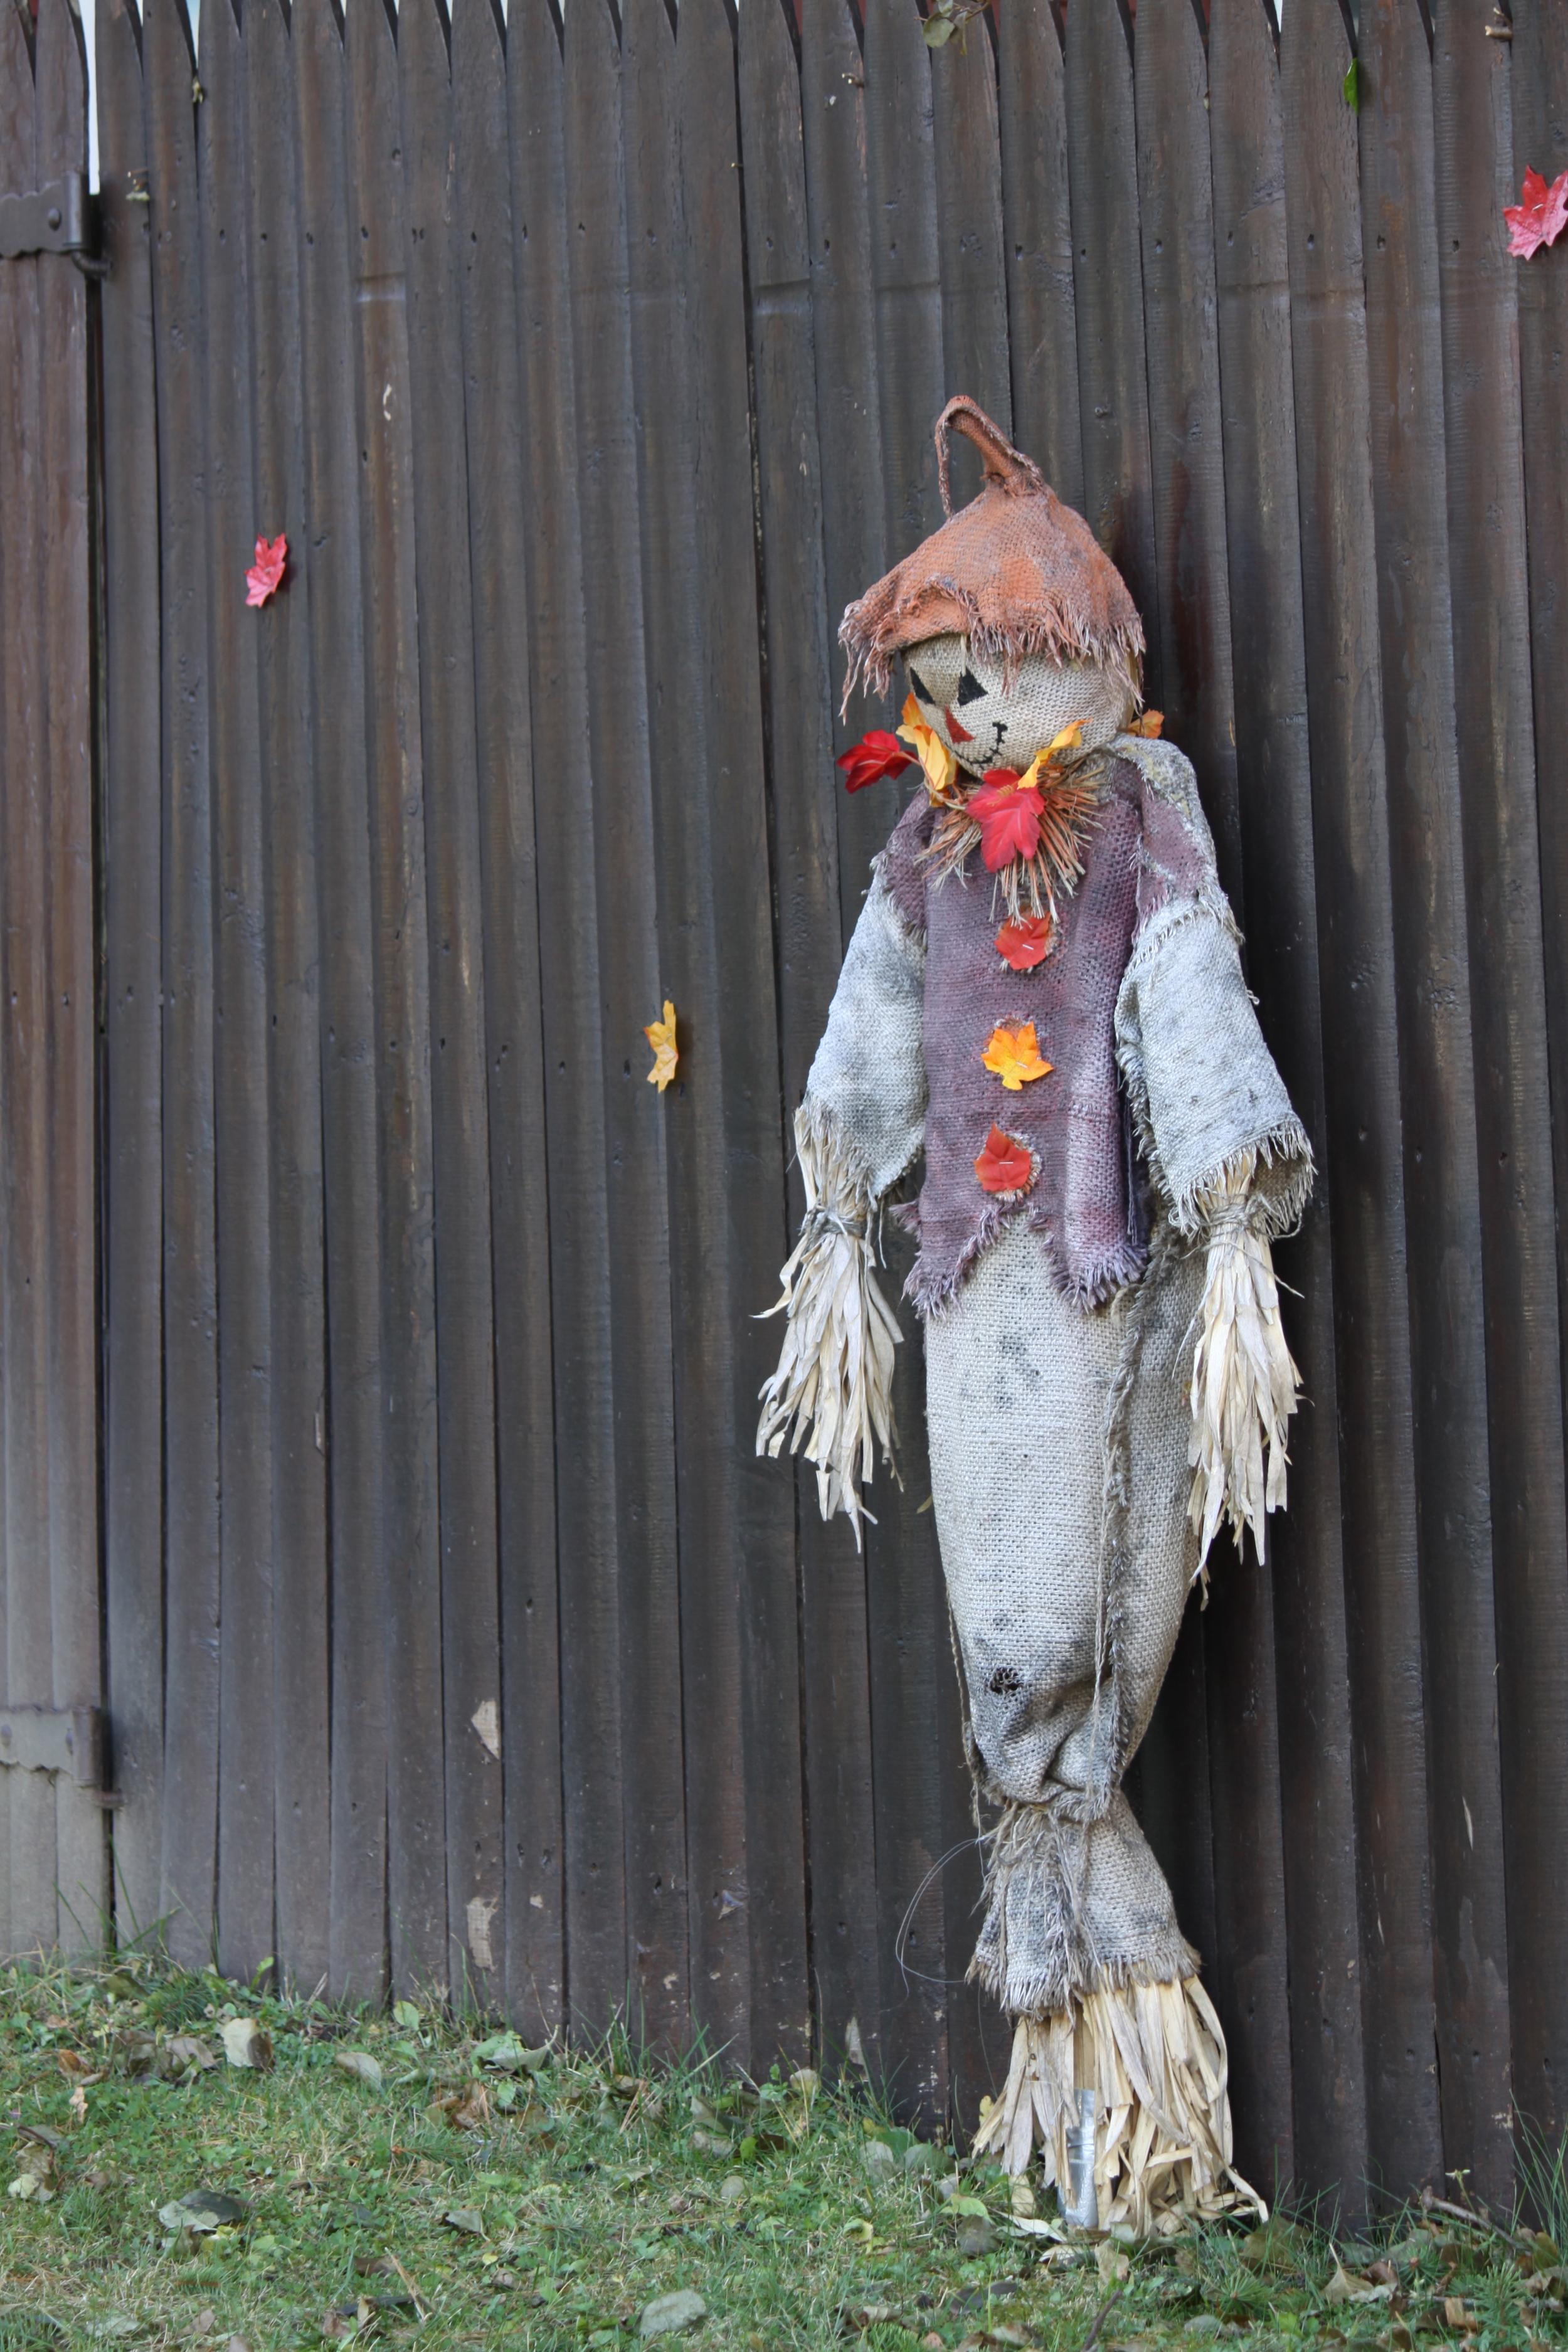 Spare scarecrow anyone??